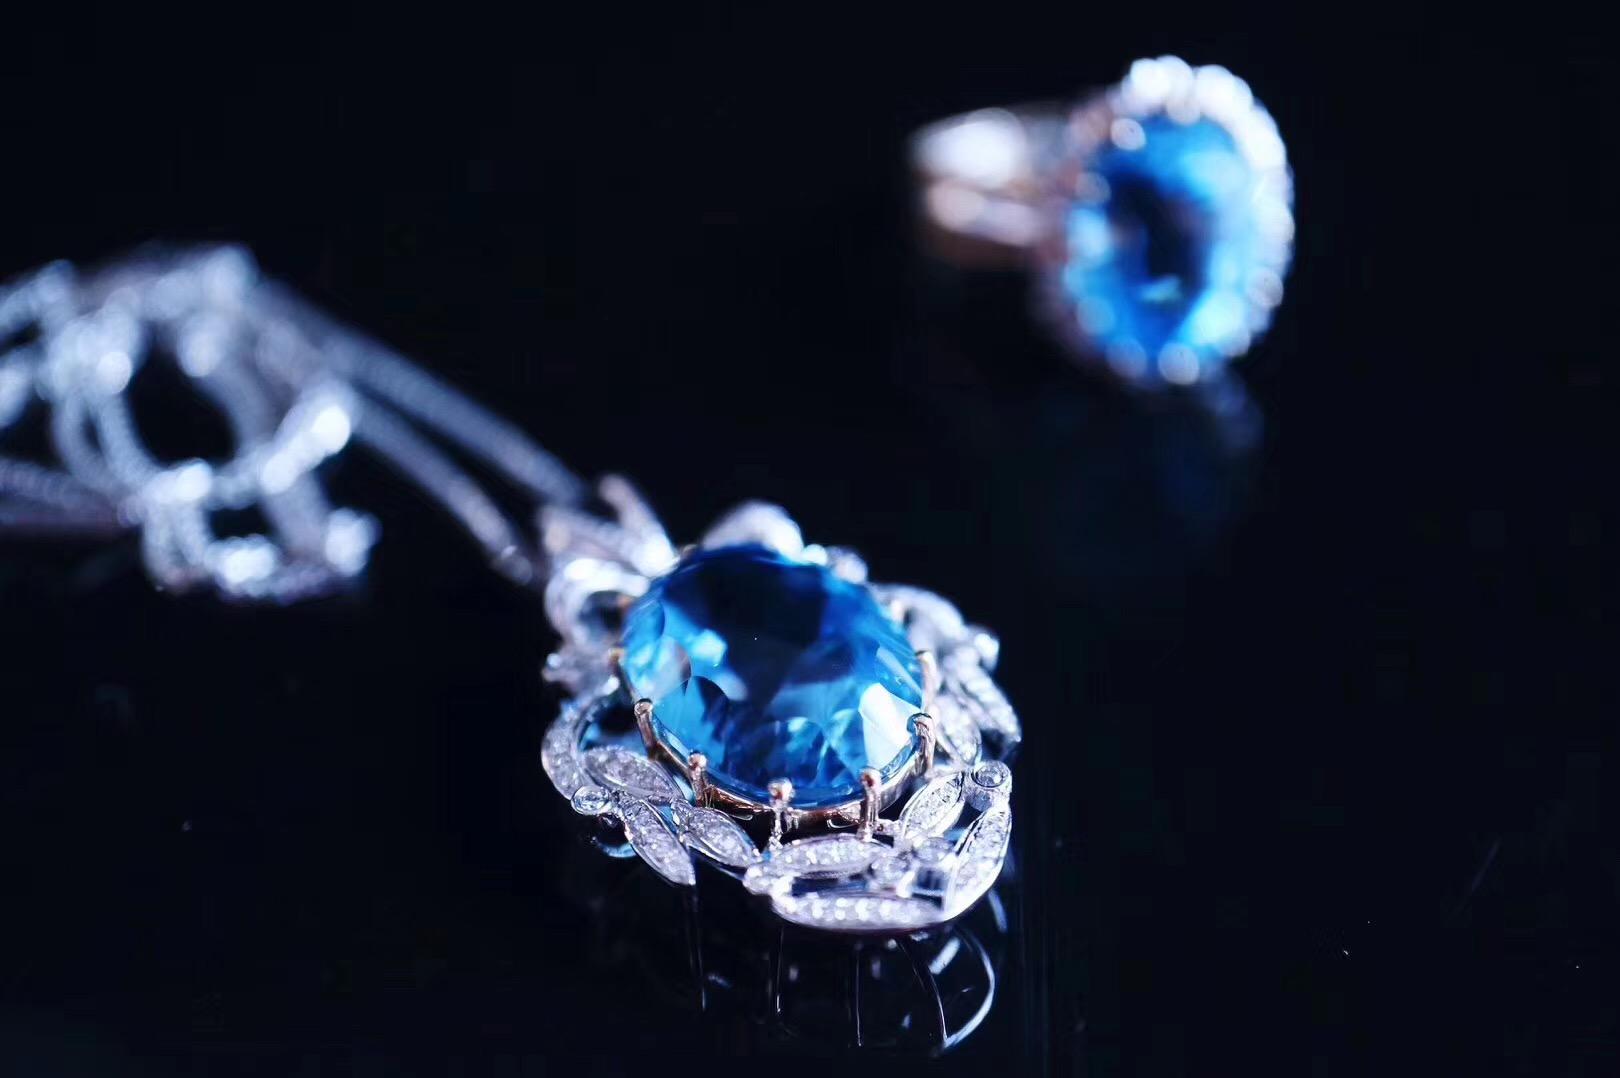 【菩心-托帕石】托帕石,代表着自信的宝石,增强表达能力-菩心晶舍